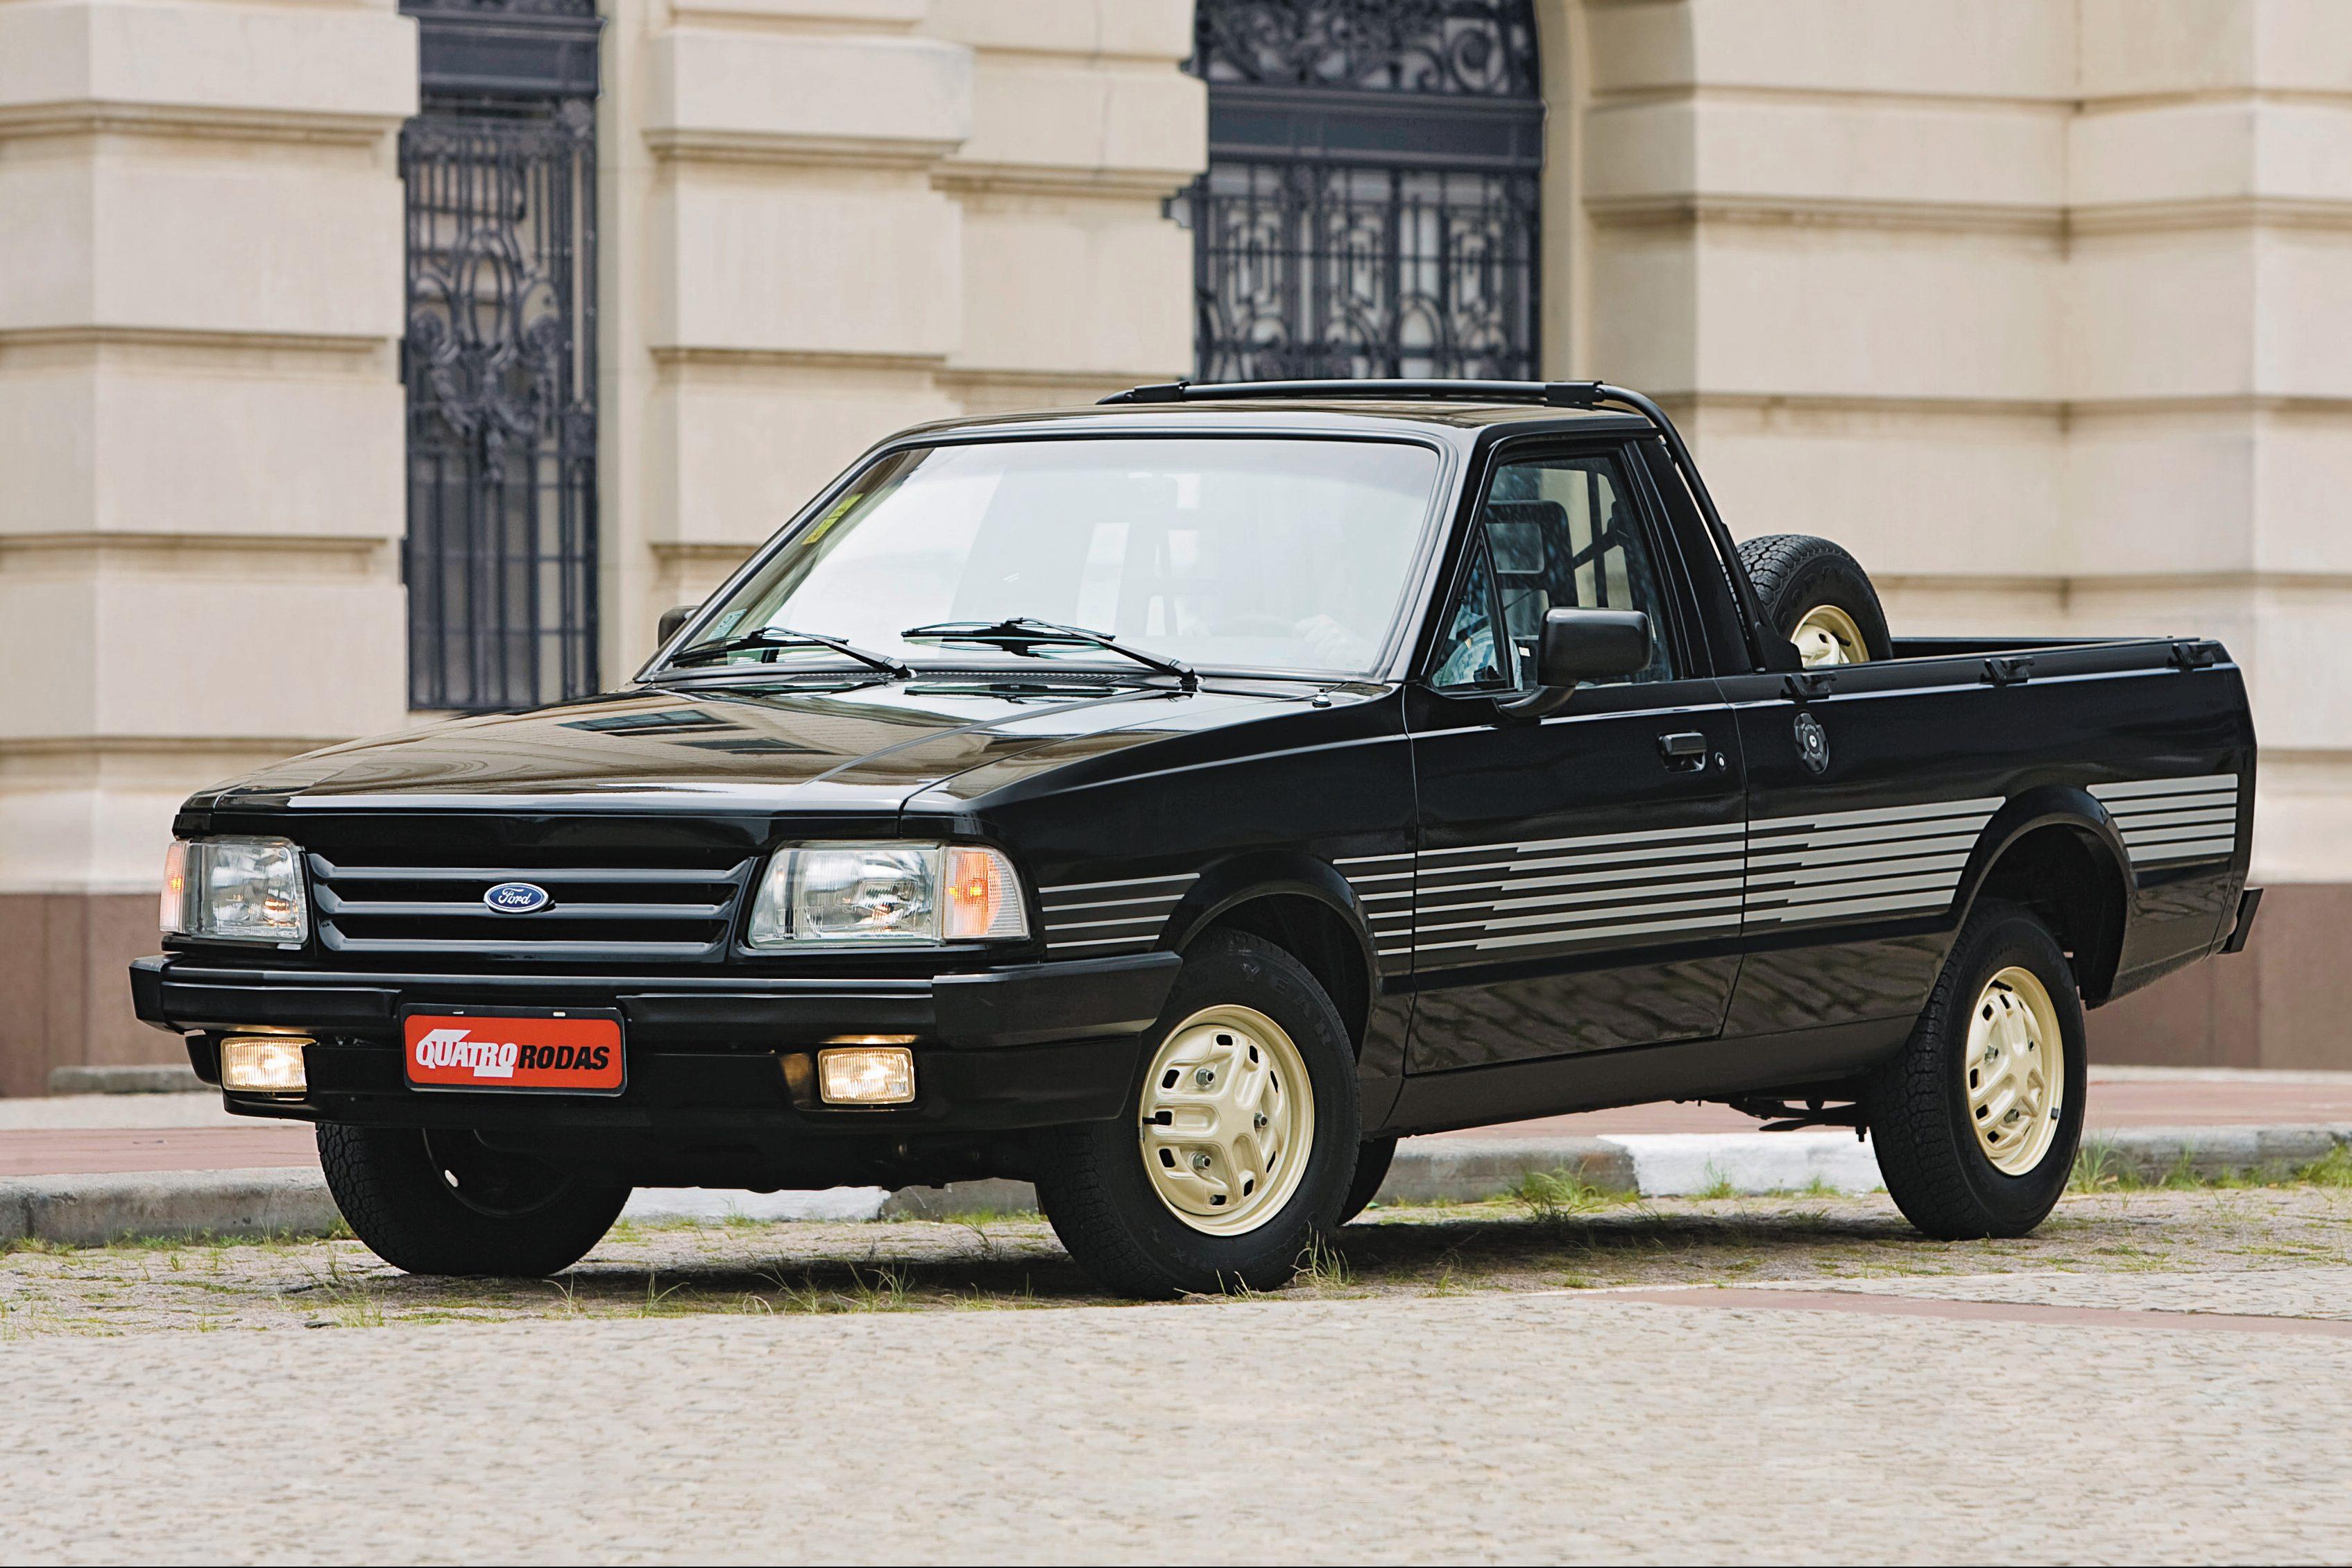 Clássicos: Ford Pampa S era picape em versão refinada e esportiva